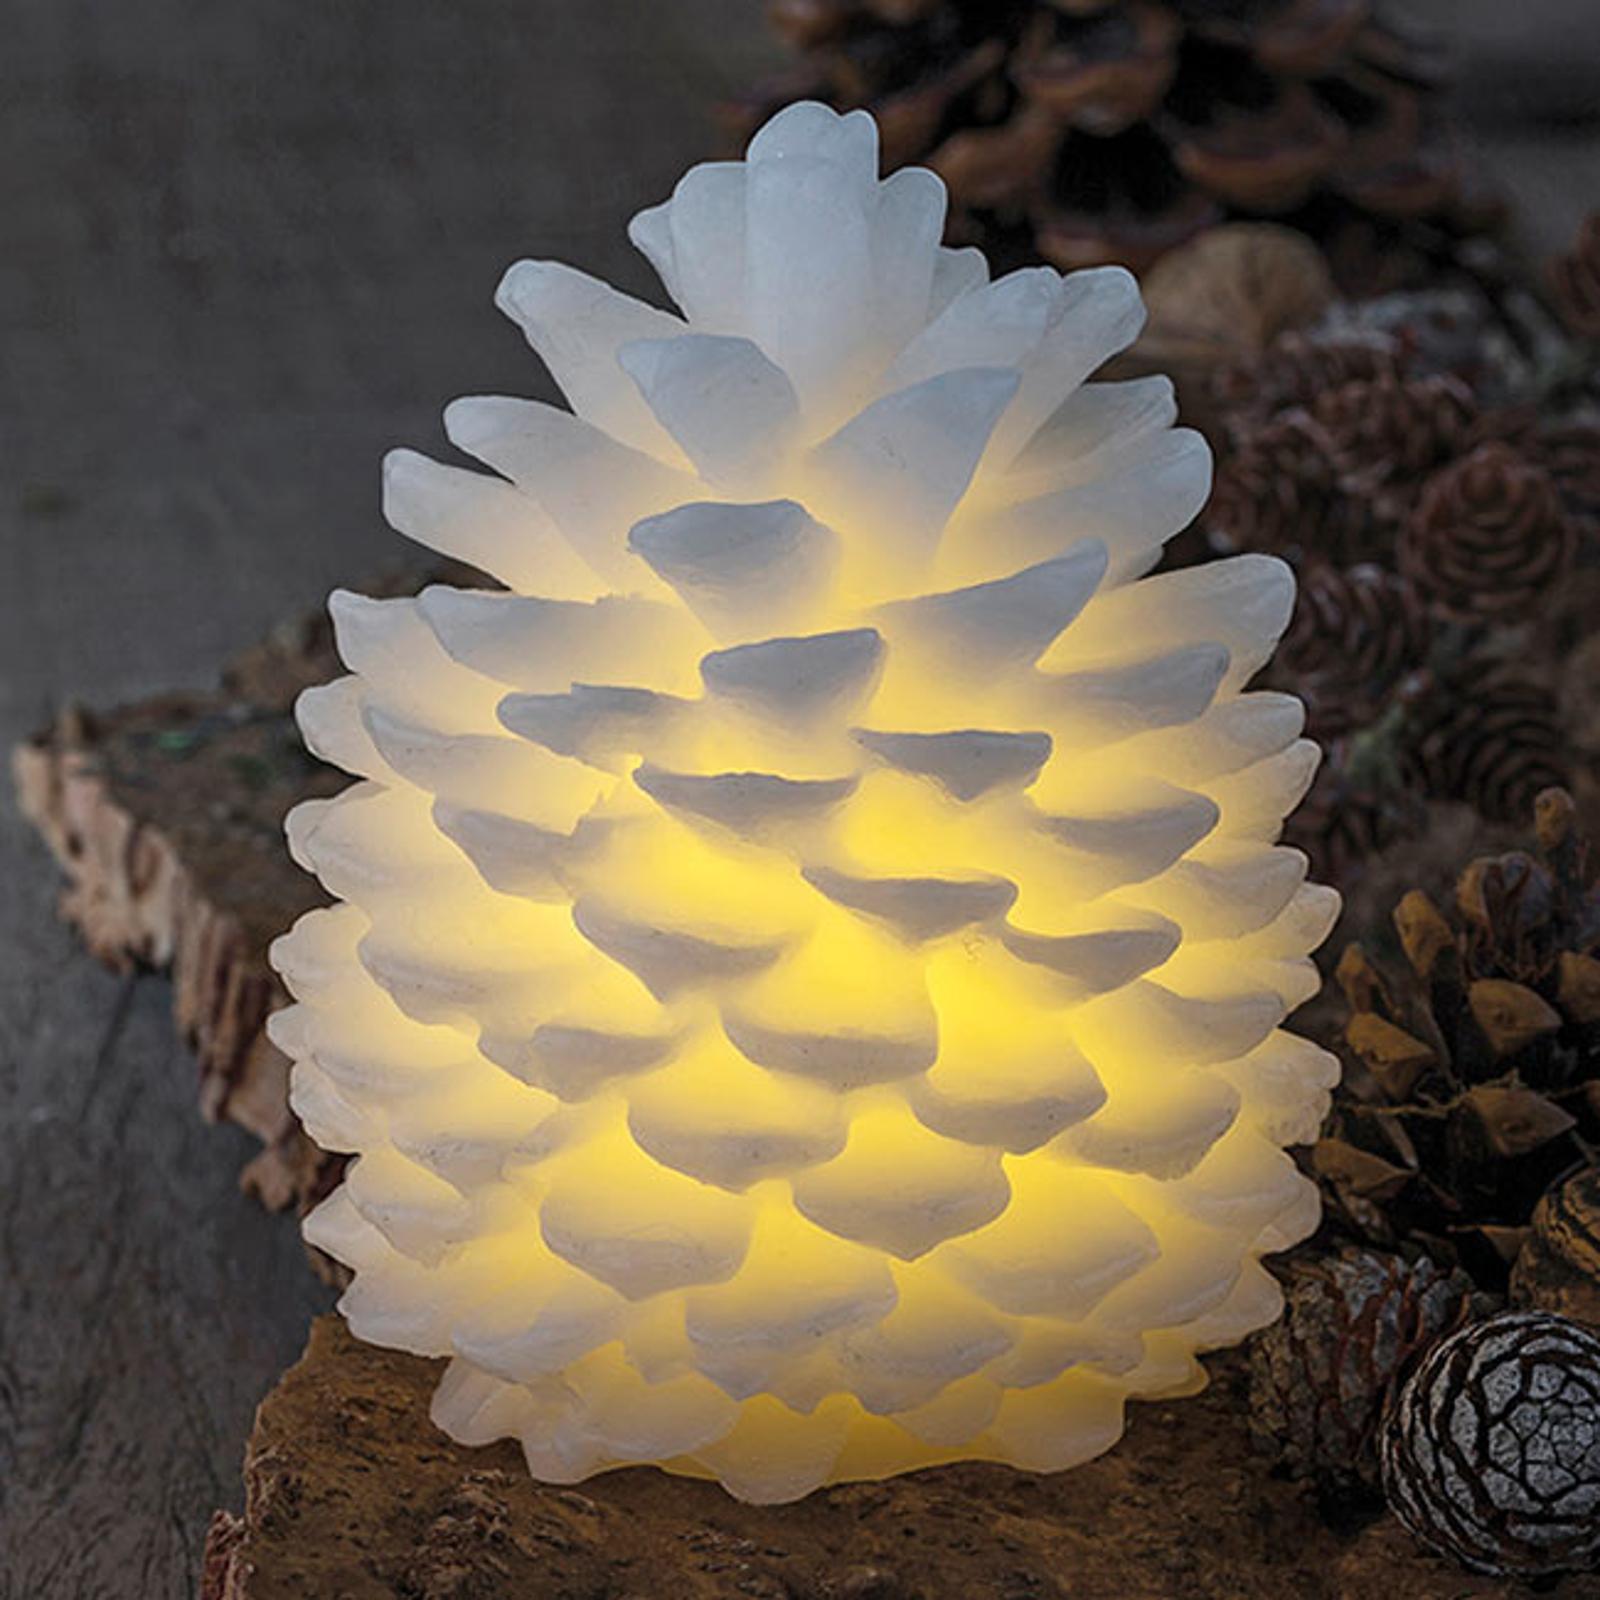 LED-kaars Clara in kegelvorm, hoogte 14 cm